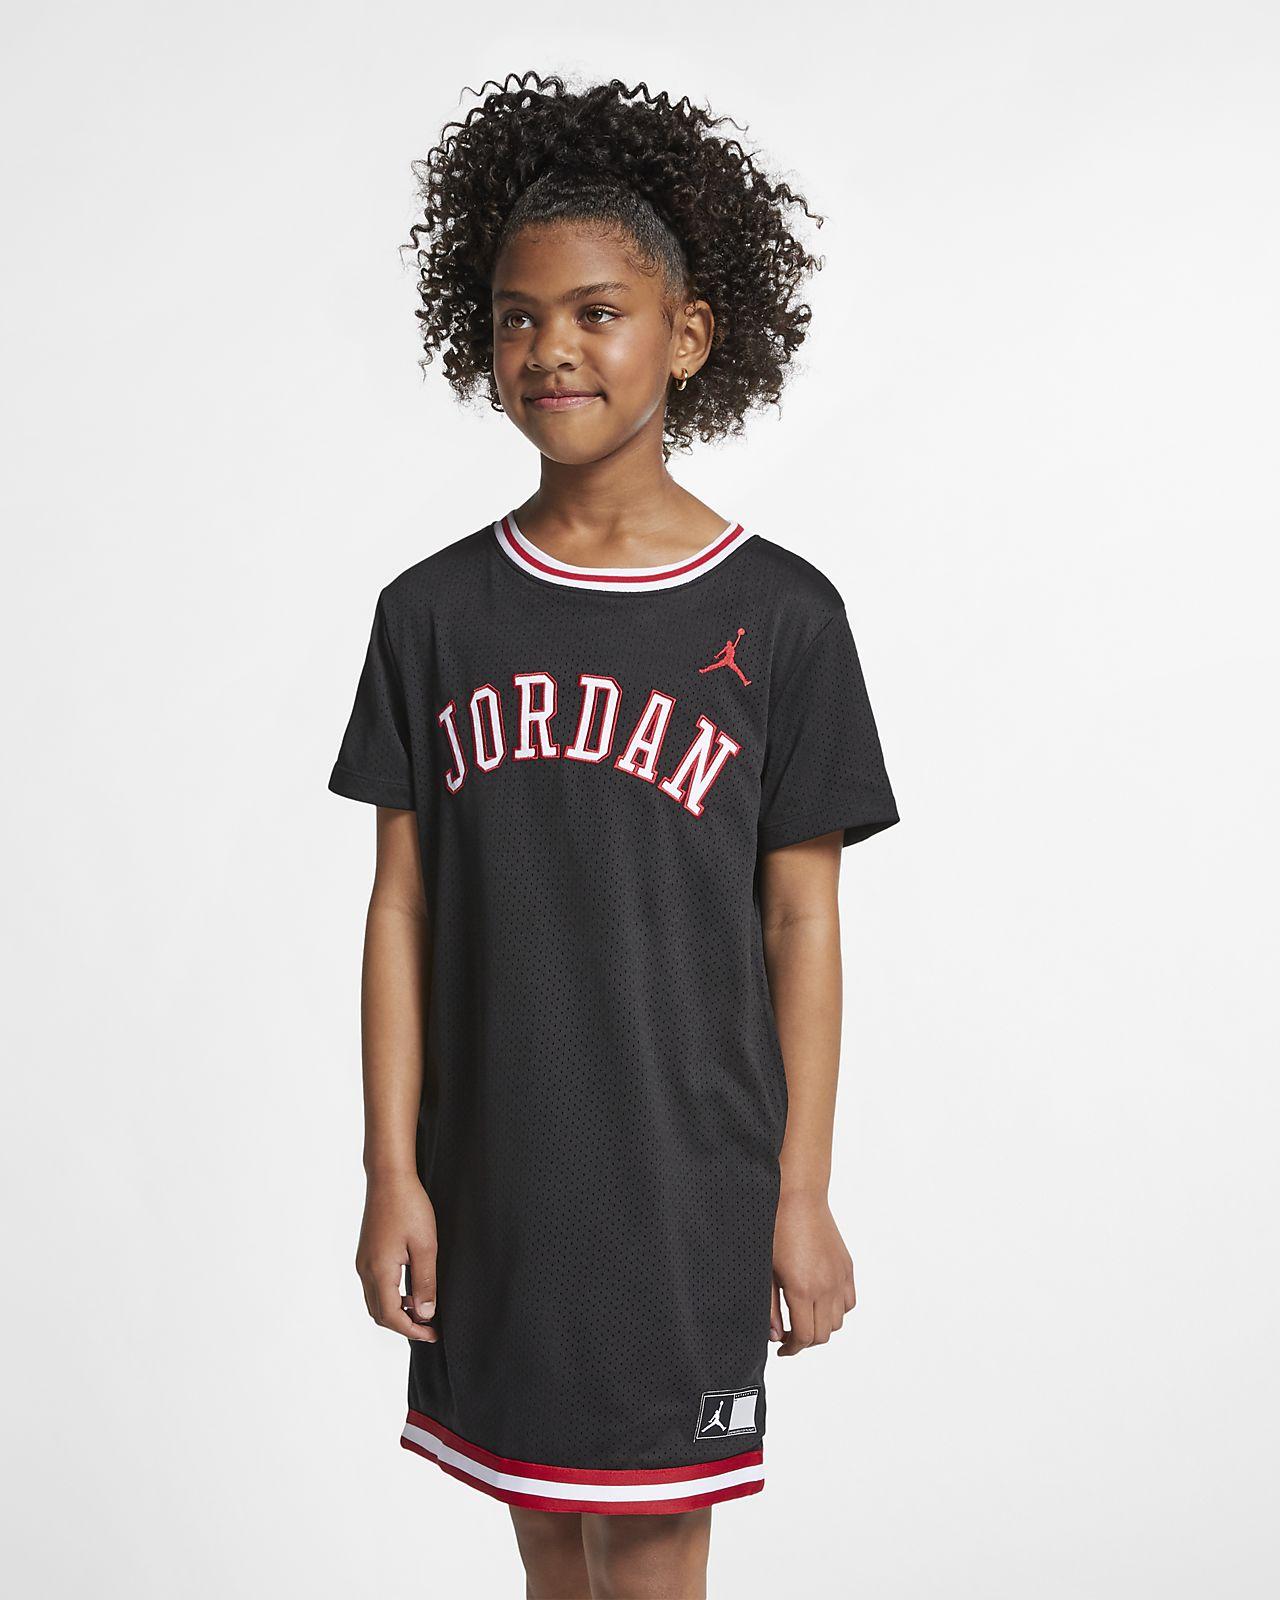 Klänning Jordan för tjejer